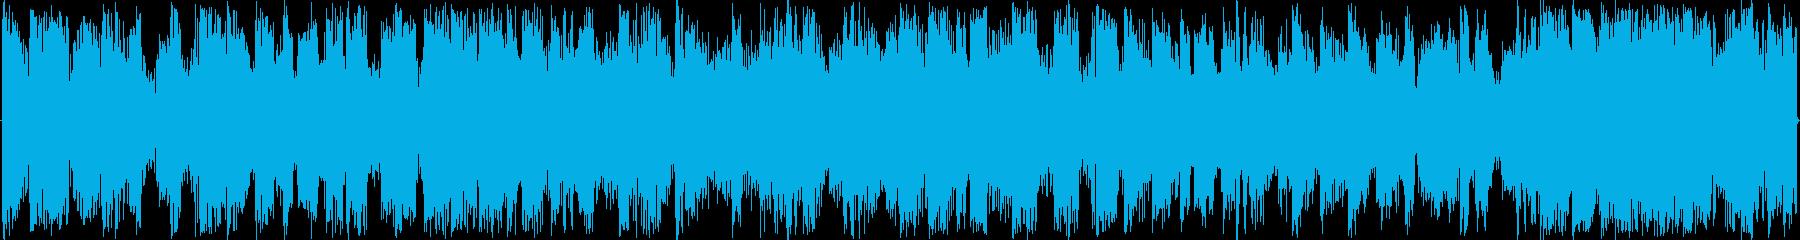 混沌としたリズムを基本にした楽曲です。の再生済みの波形